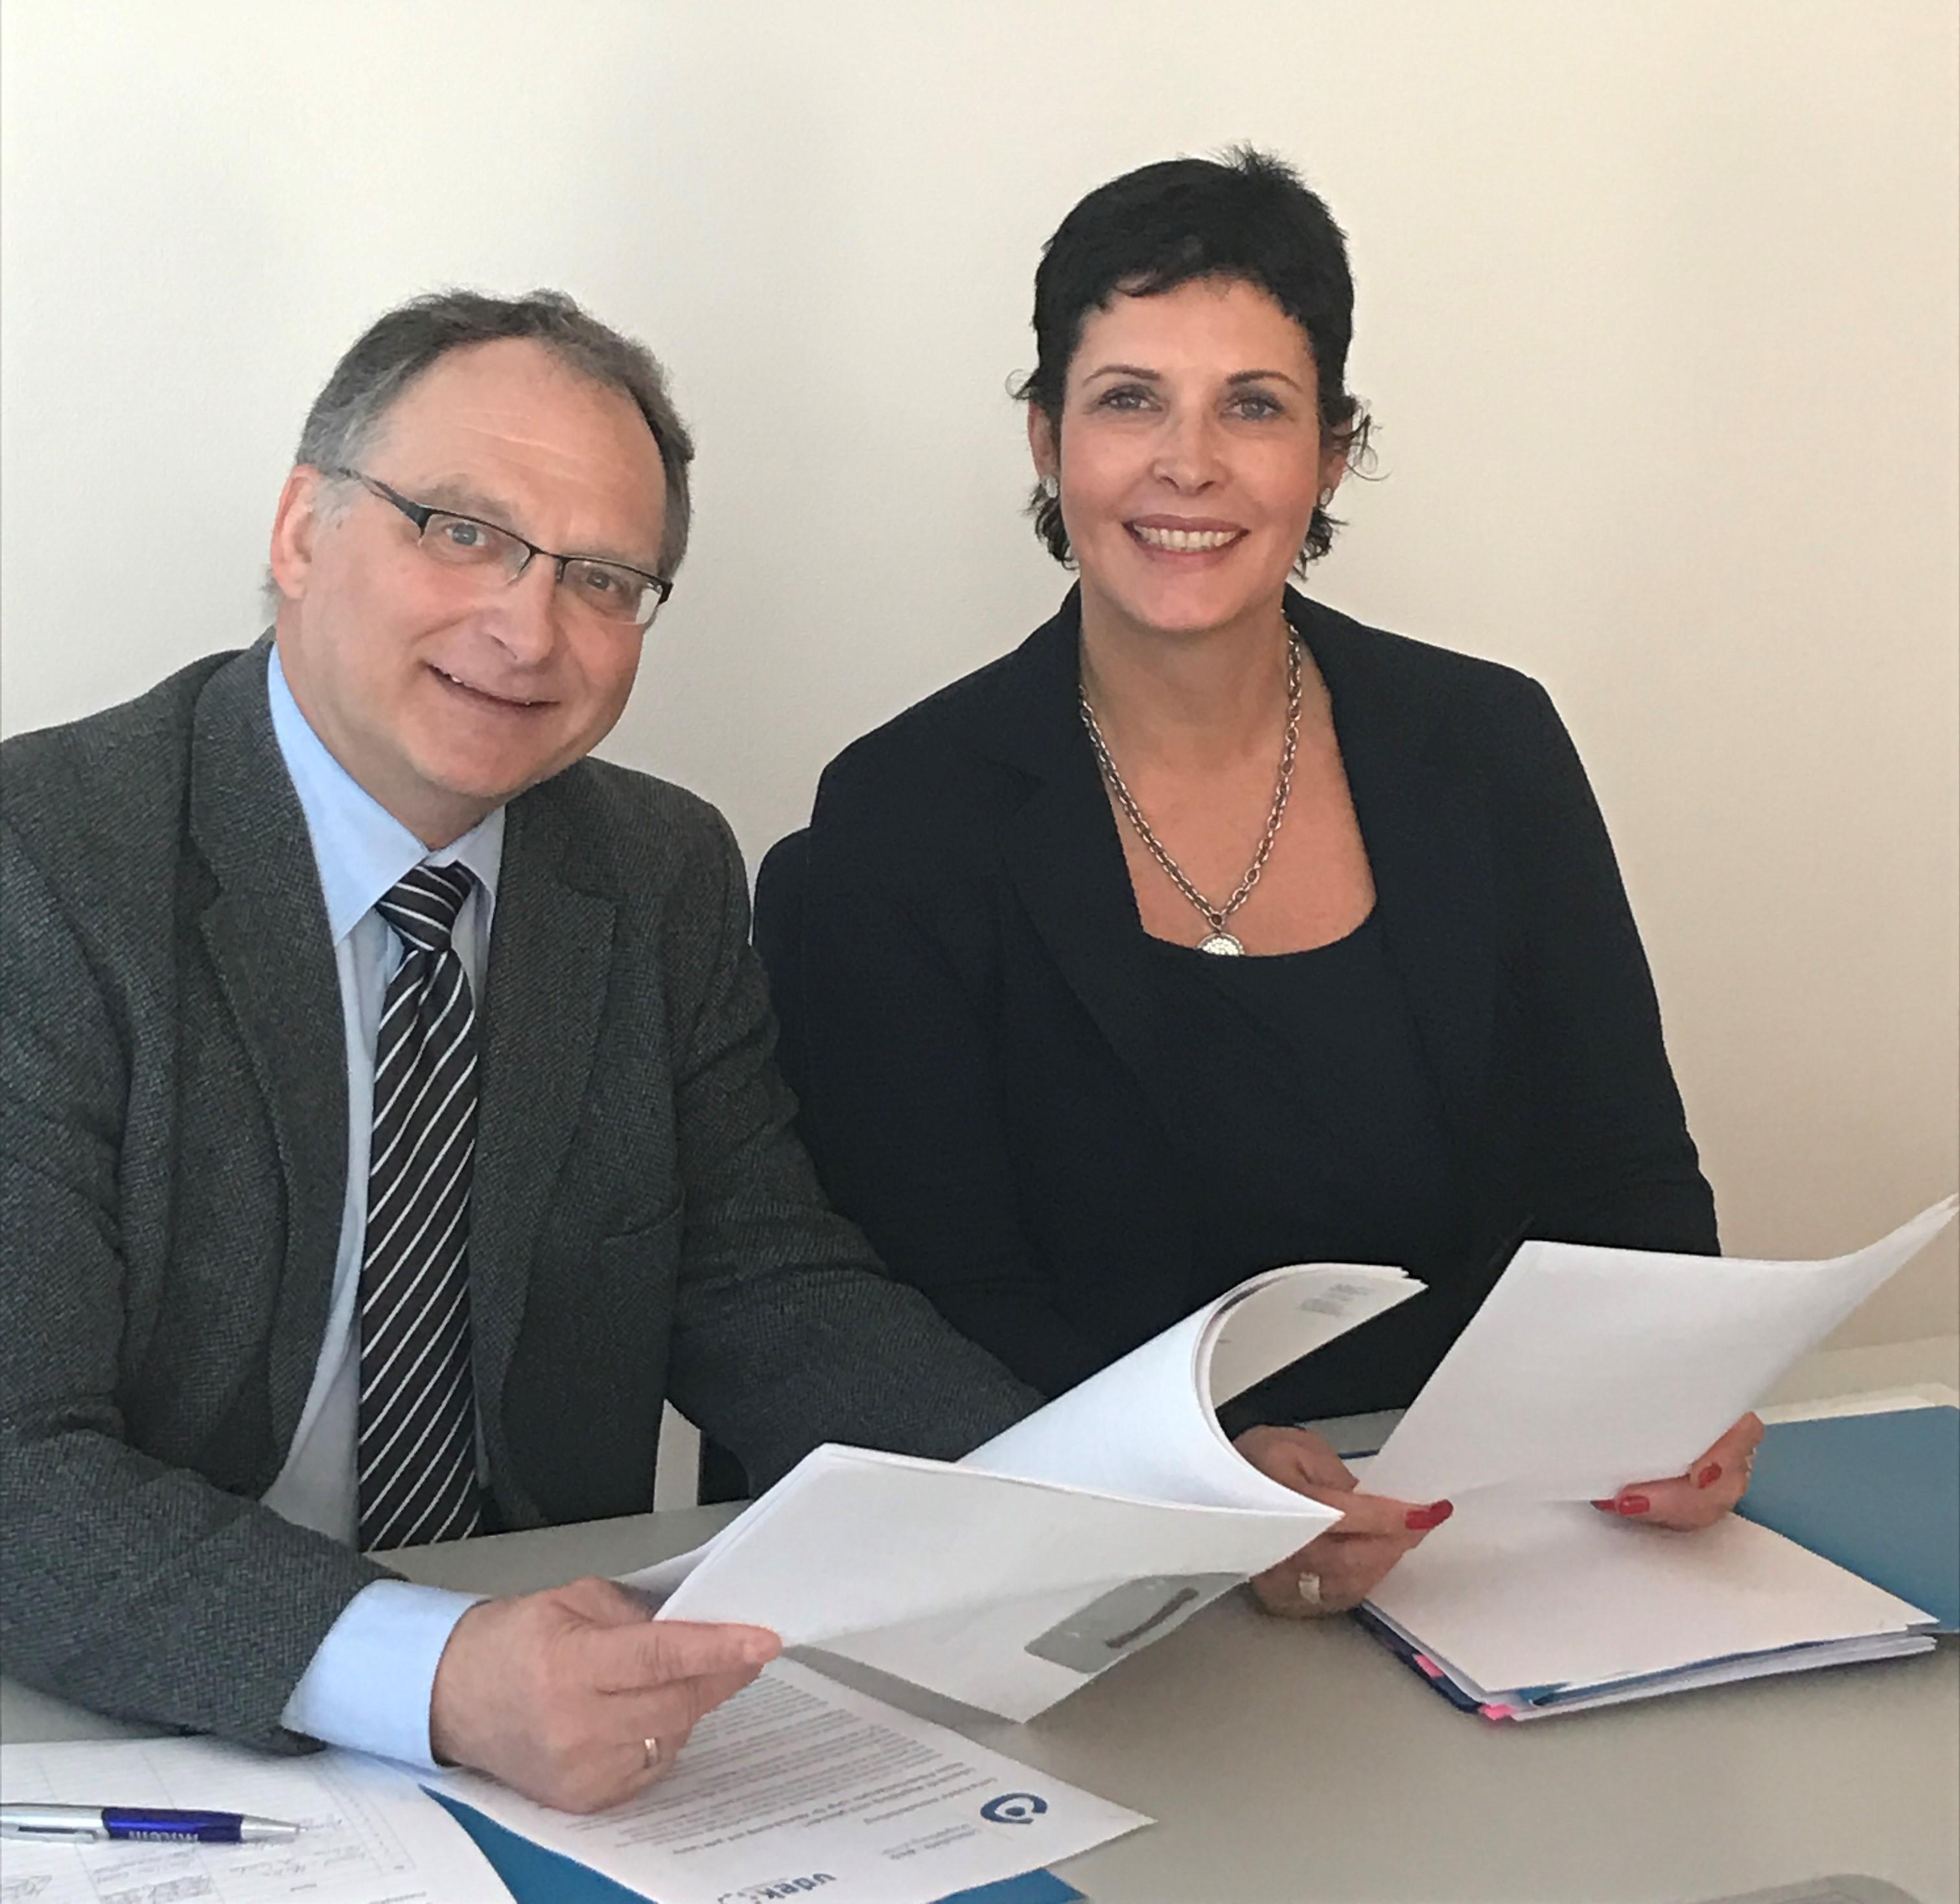 Freuen sich über den ersten Vertragsabschluss, Heike Woost (Lebenshilfe Magdeburg) und Dr. Volker Schmeichel (vdek-Sachsen-Anhalt) von rechts